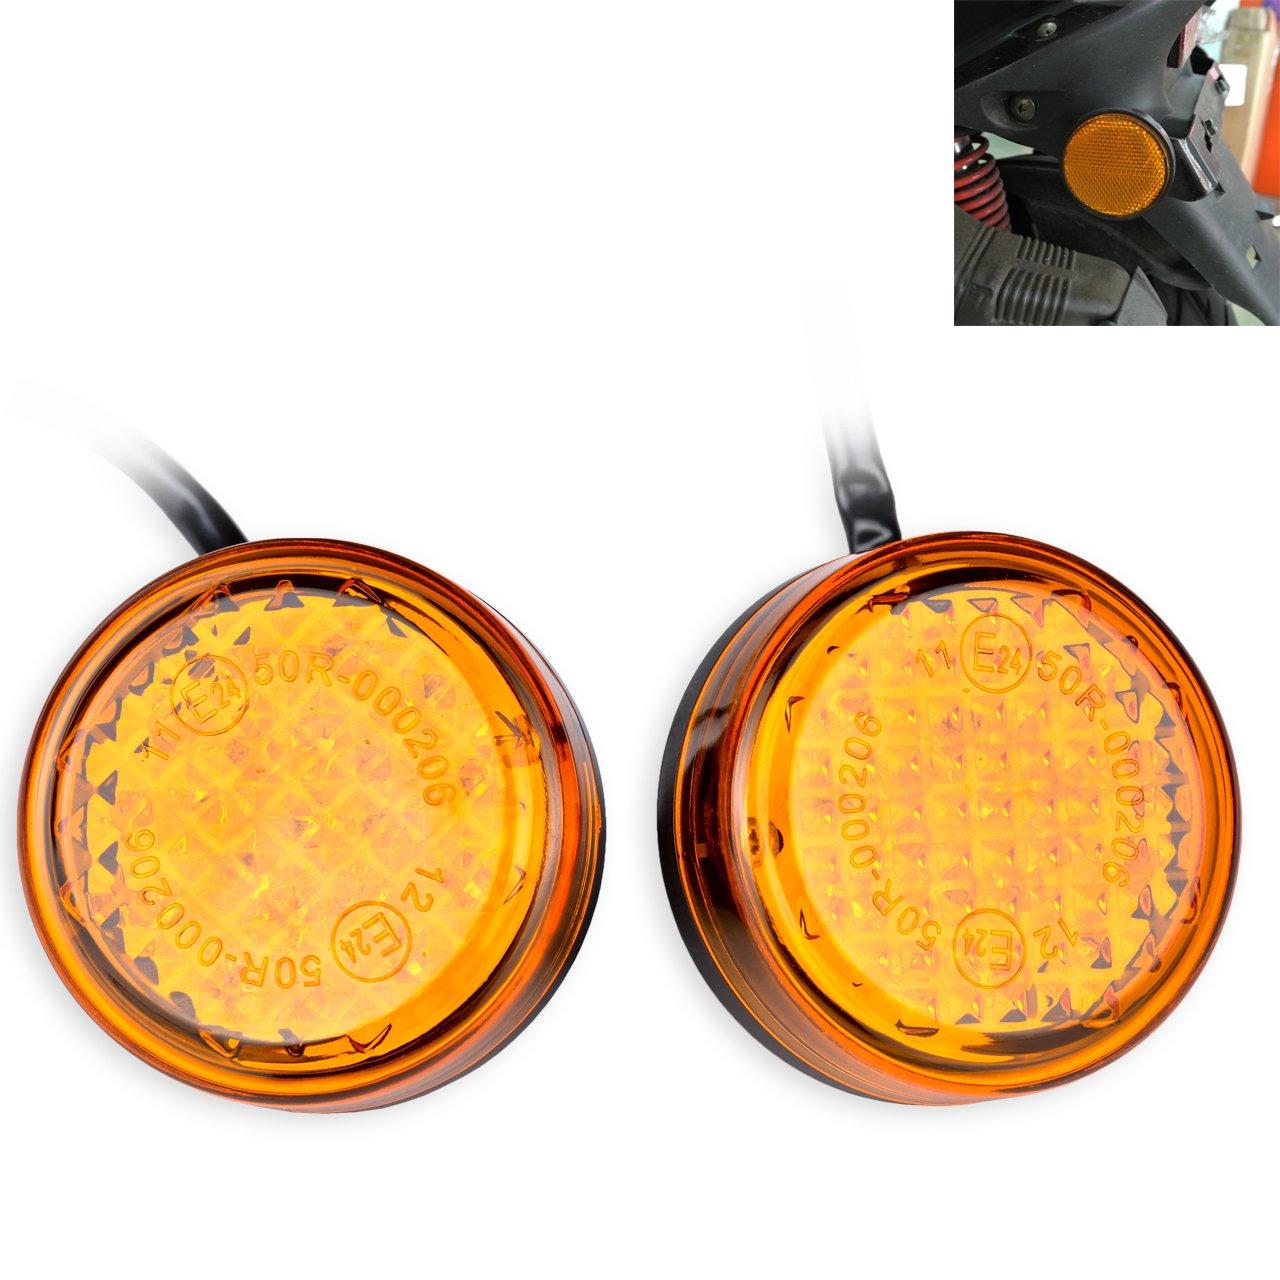 TUINCYN Universel Mini réflecteurs 24LEDs Ambre Jaune indicateurs lumière Ronde Livré Queue de Frein lumière côté marqueurs Runnning lumière pour Moto, Camion, Voiture et Tailers (Lot de 2)